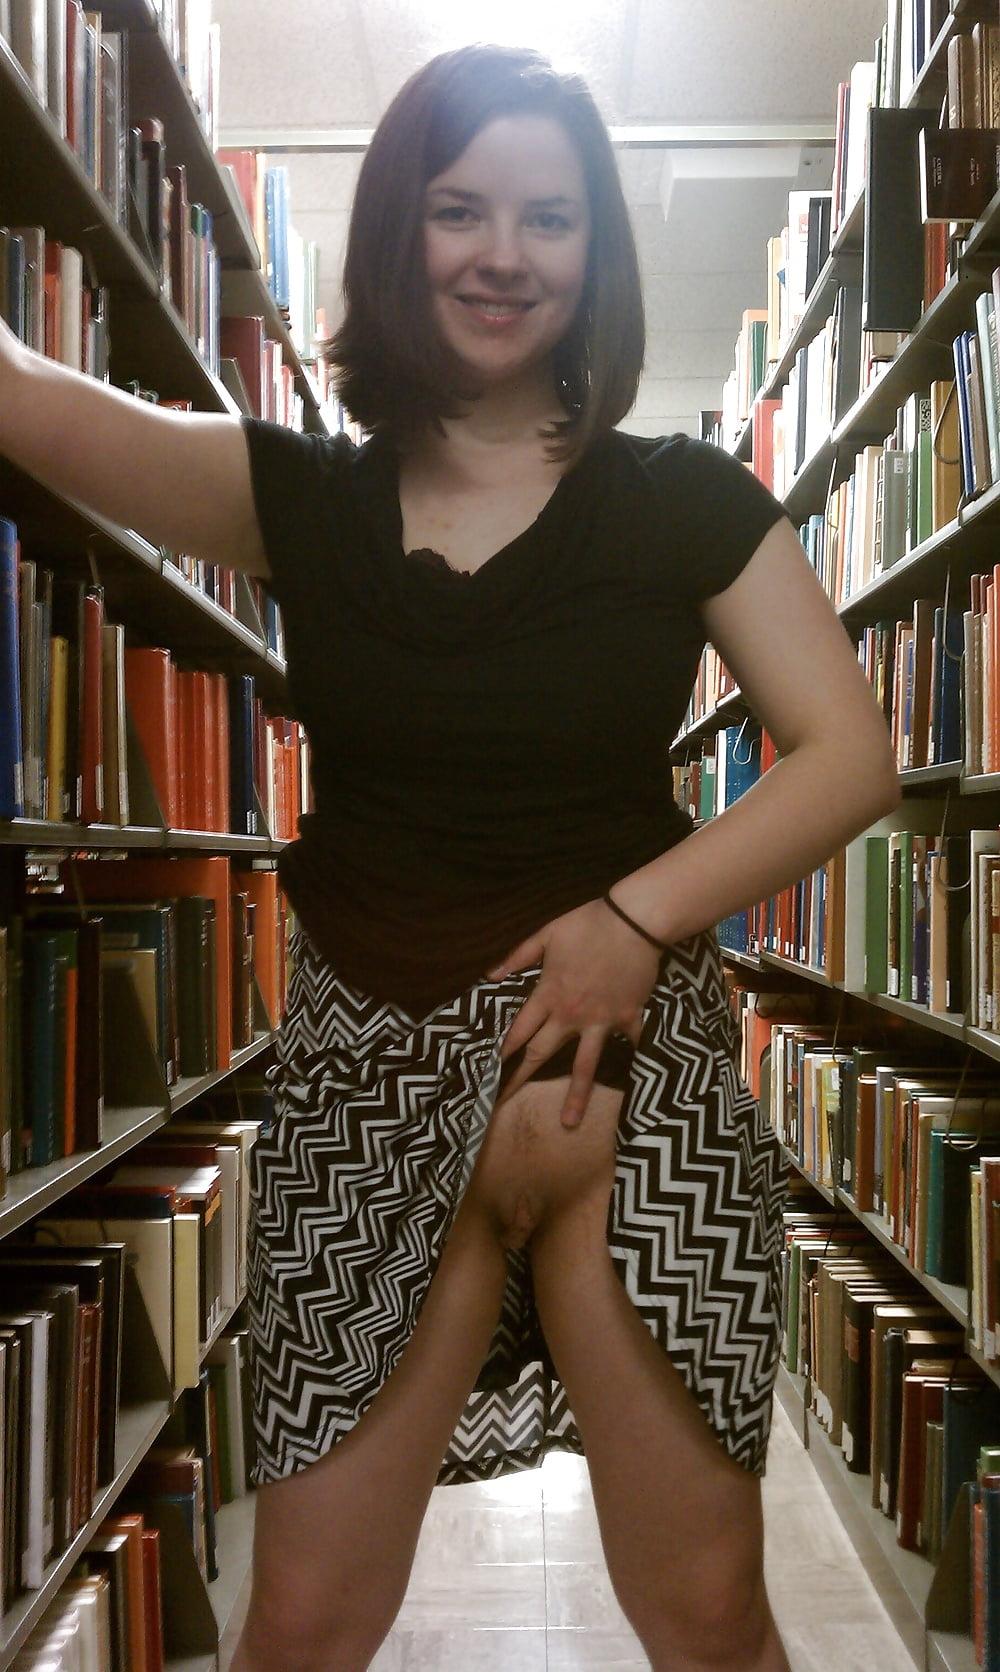 показывает пизду в библиотеке плывете себе